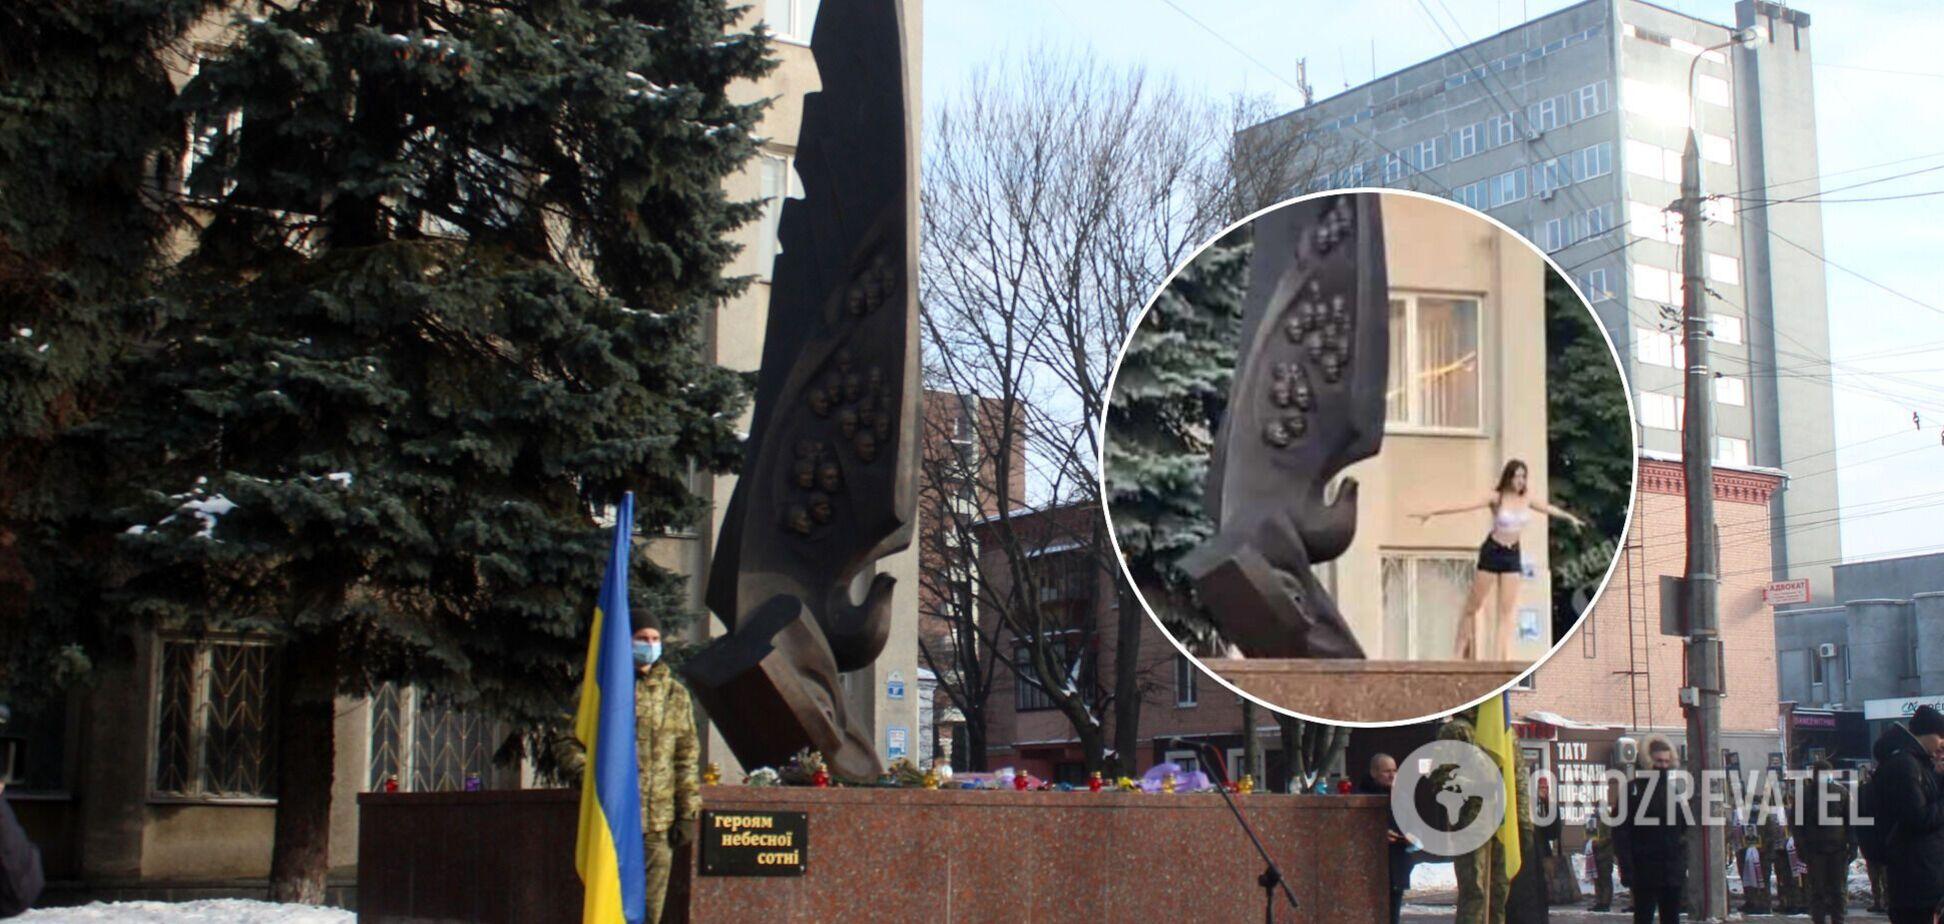 У Хмельницькому дівчина влаштувала танці біля пам'ятника Героям Небесної Сотні. Відео